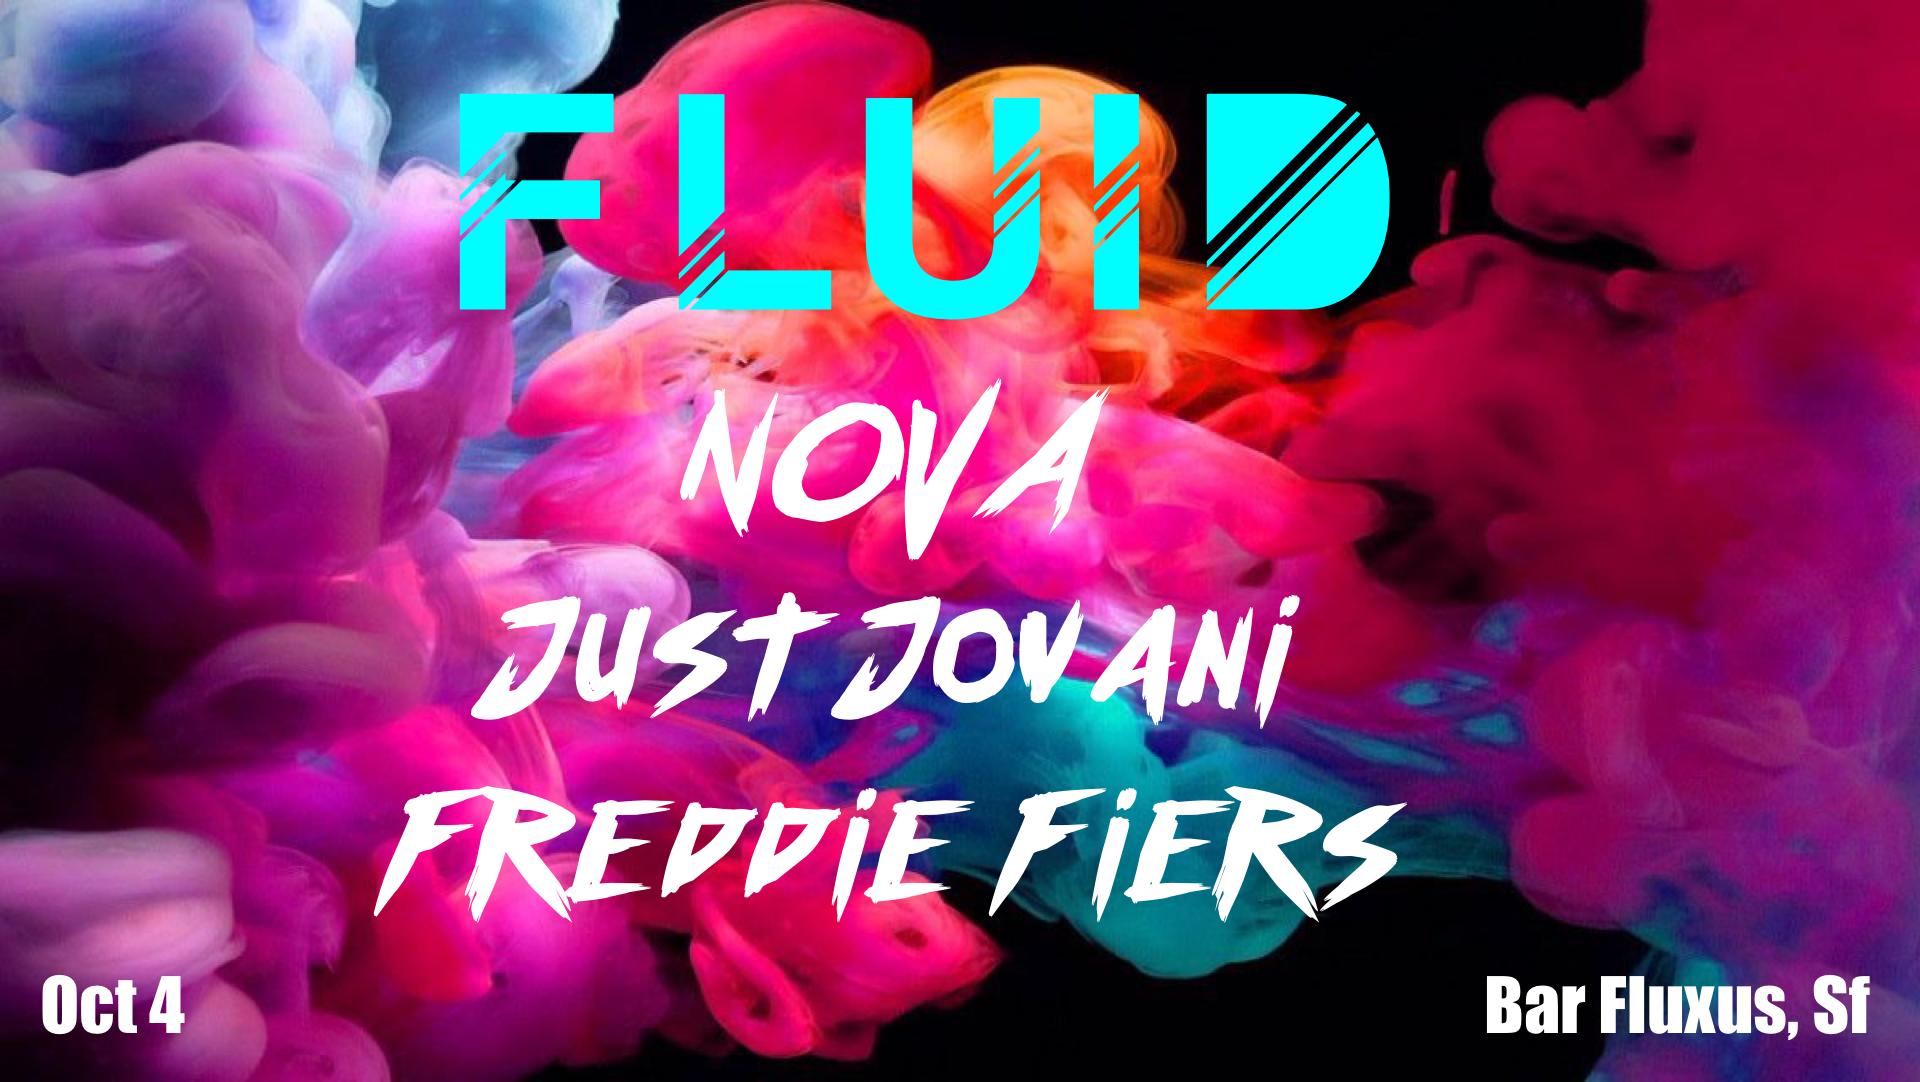 FLUID @ Bar Fluxus - Thurs. Oct 4 @ 10pm-2am